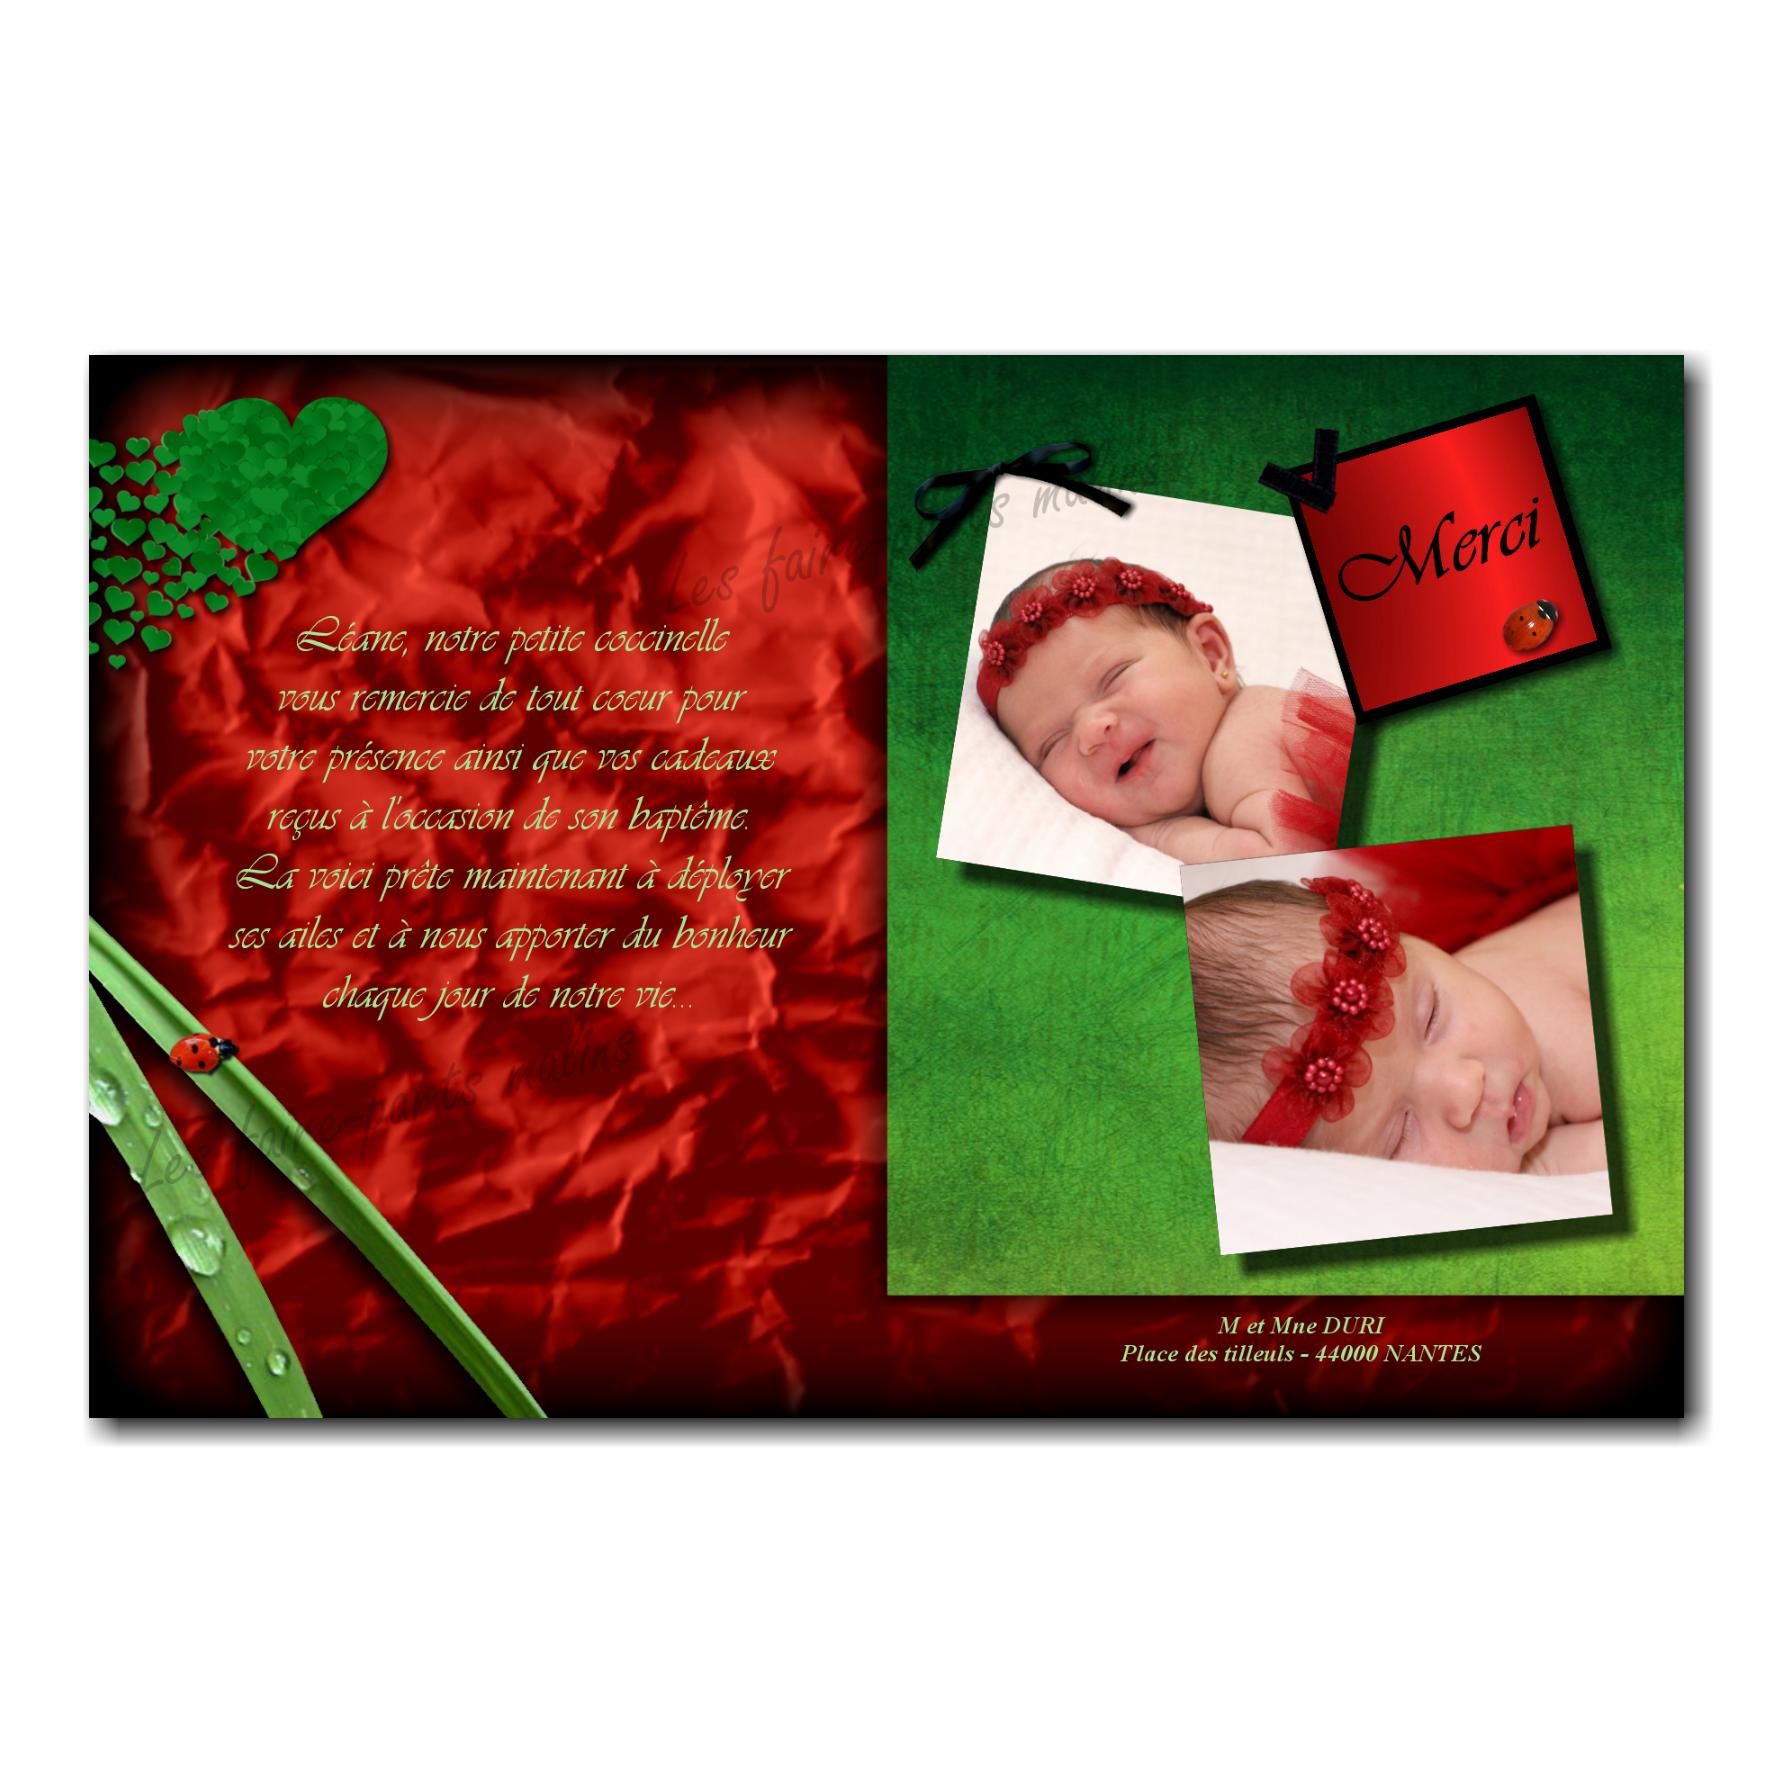 carte de remerciements coccinelle vert et rouge